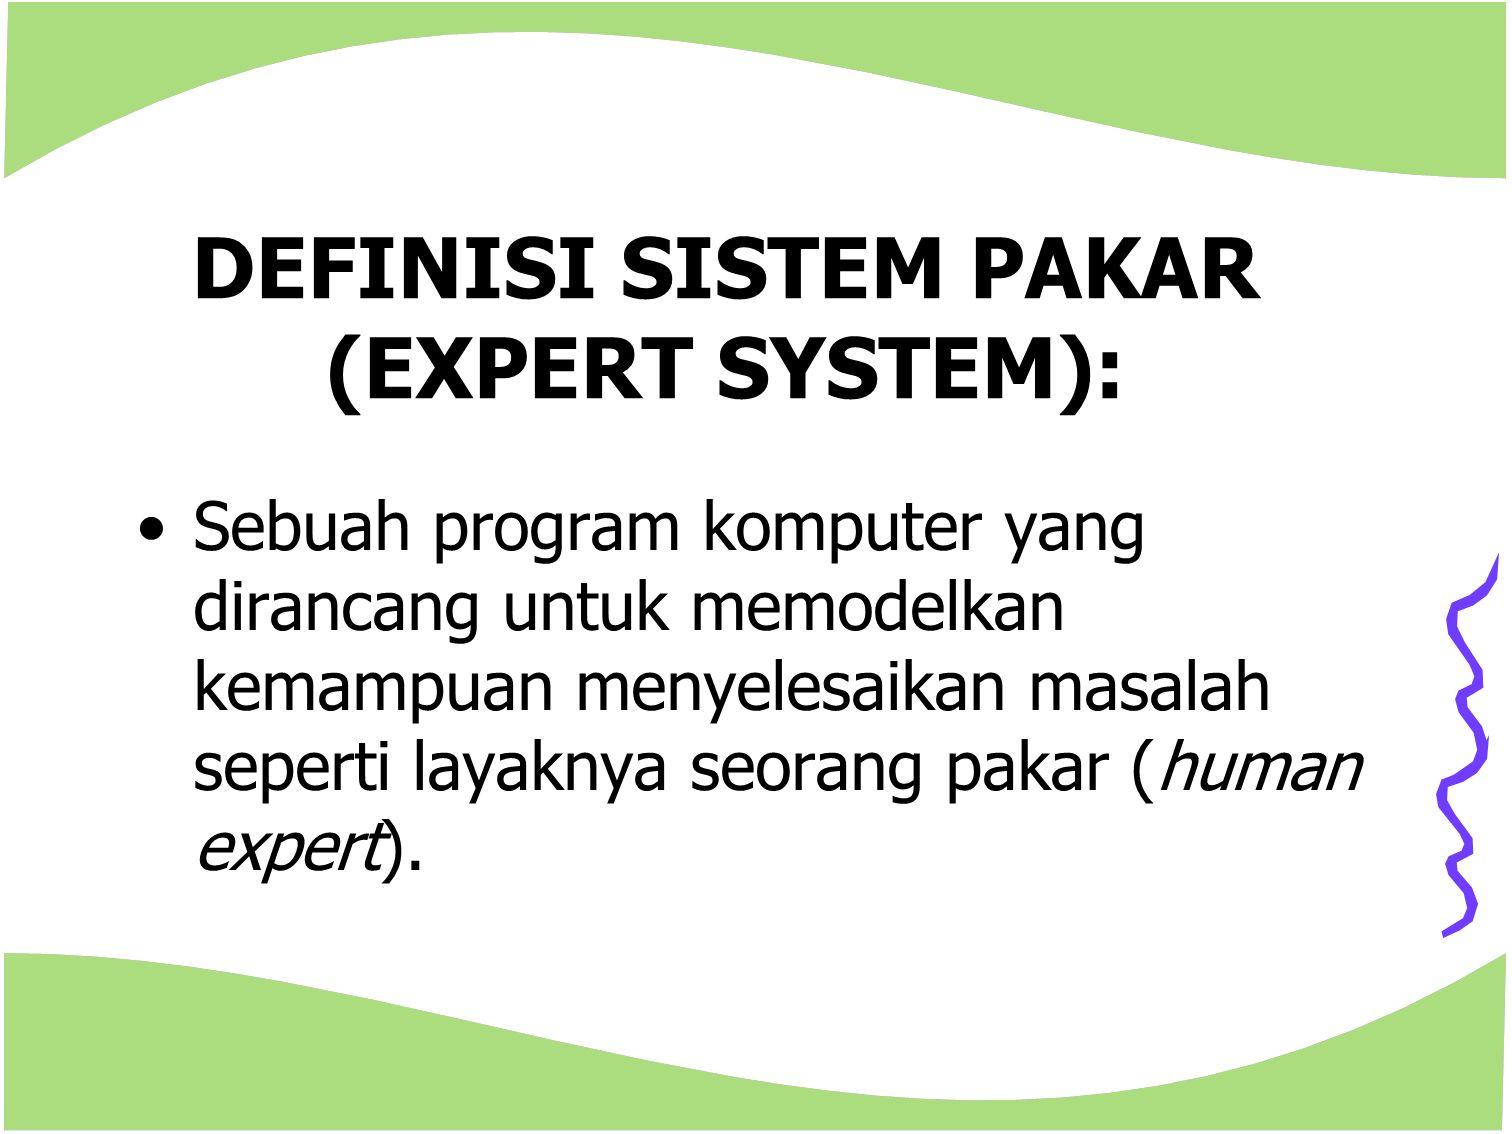 DEFINISI SISTEM PAKAR (EXPERT SYSTEM):